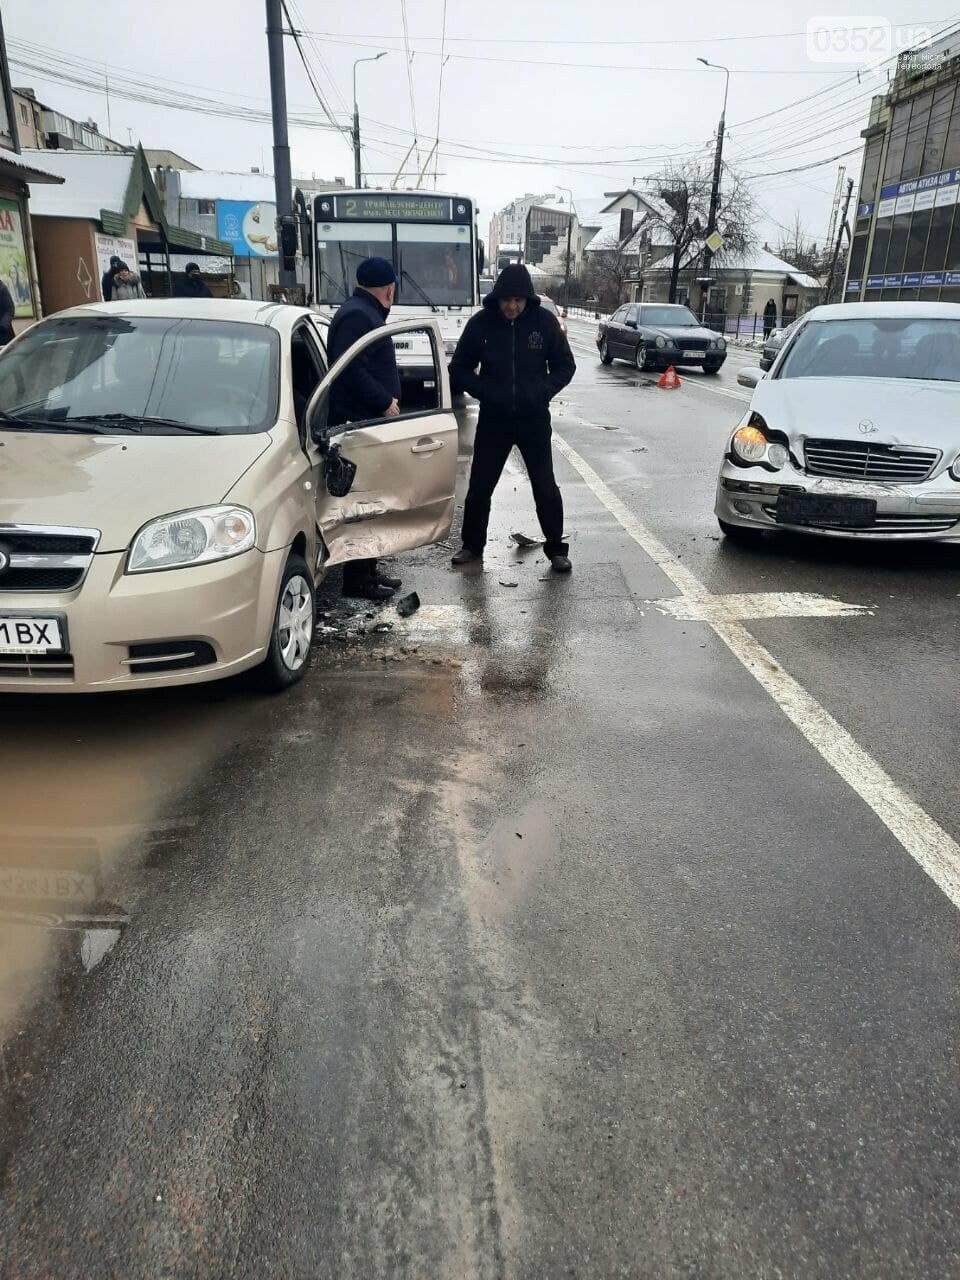 """""""Небезпечний білий бус мчить Тернополем"""": неадекватний водій спричинив ДТП і втік у напрямку Збаразького кільця (ФОТО), фото-3"""